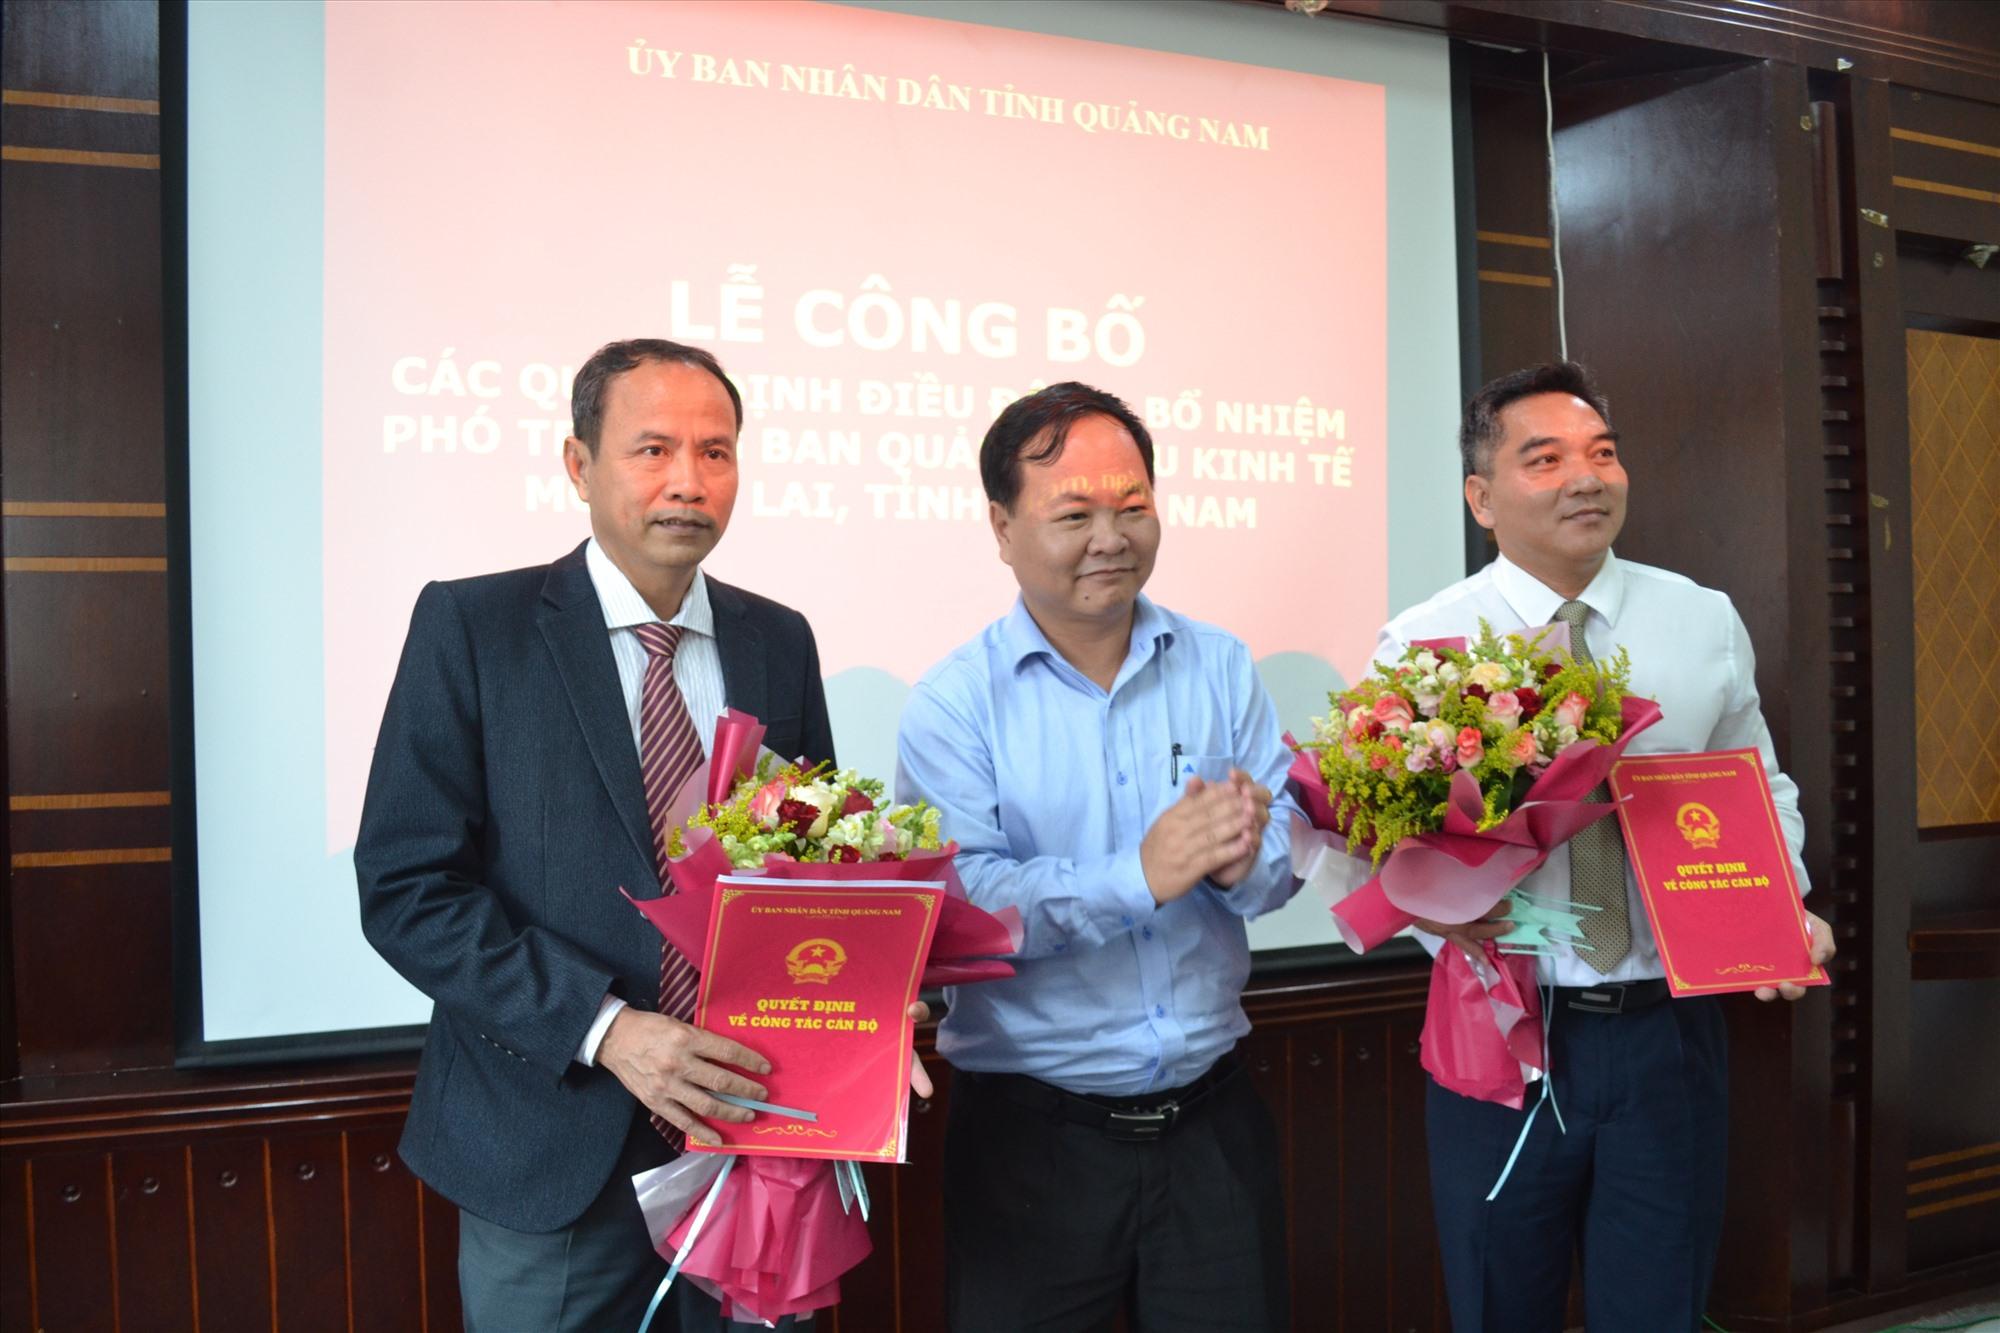 Phó Chủ tịch UBND tỉnh Nguyễn Hồng Quang trao quyết định về công tác cán bộ đối với ông Thiều Việt Dũng và ông Lê Quang Triều. Ảnh: VIỆT NGUYỄN